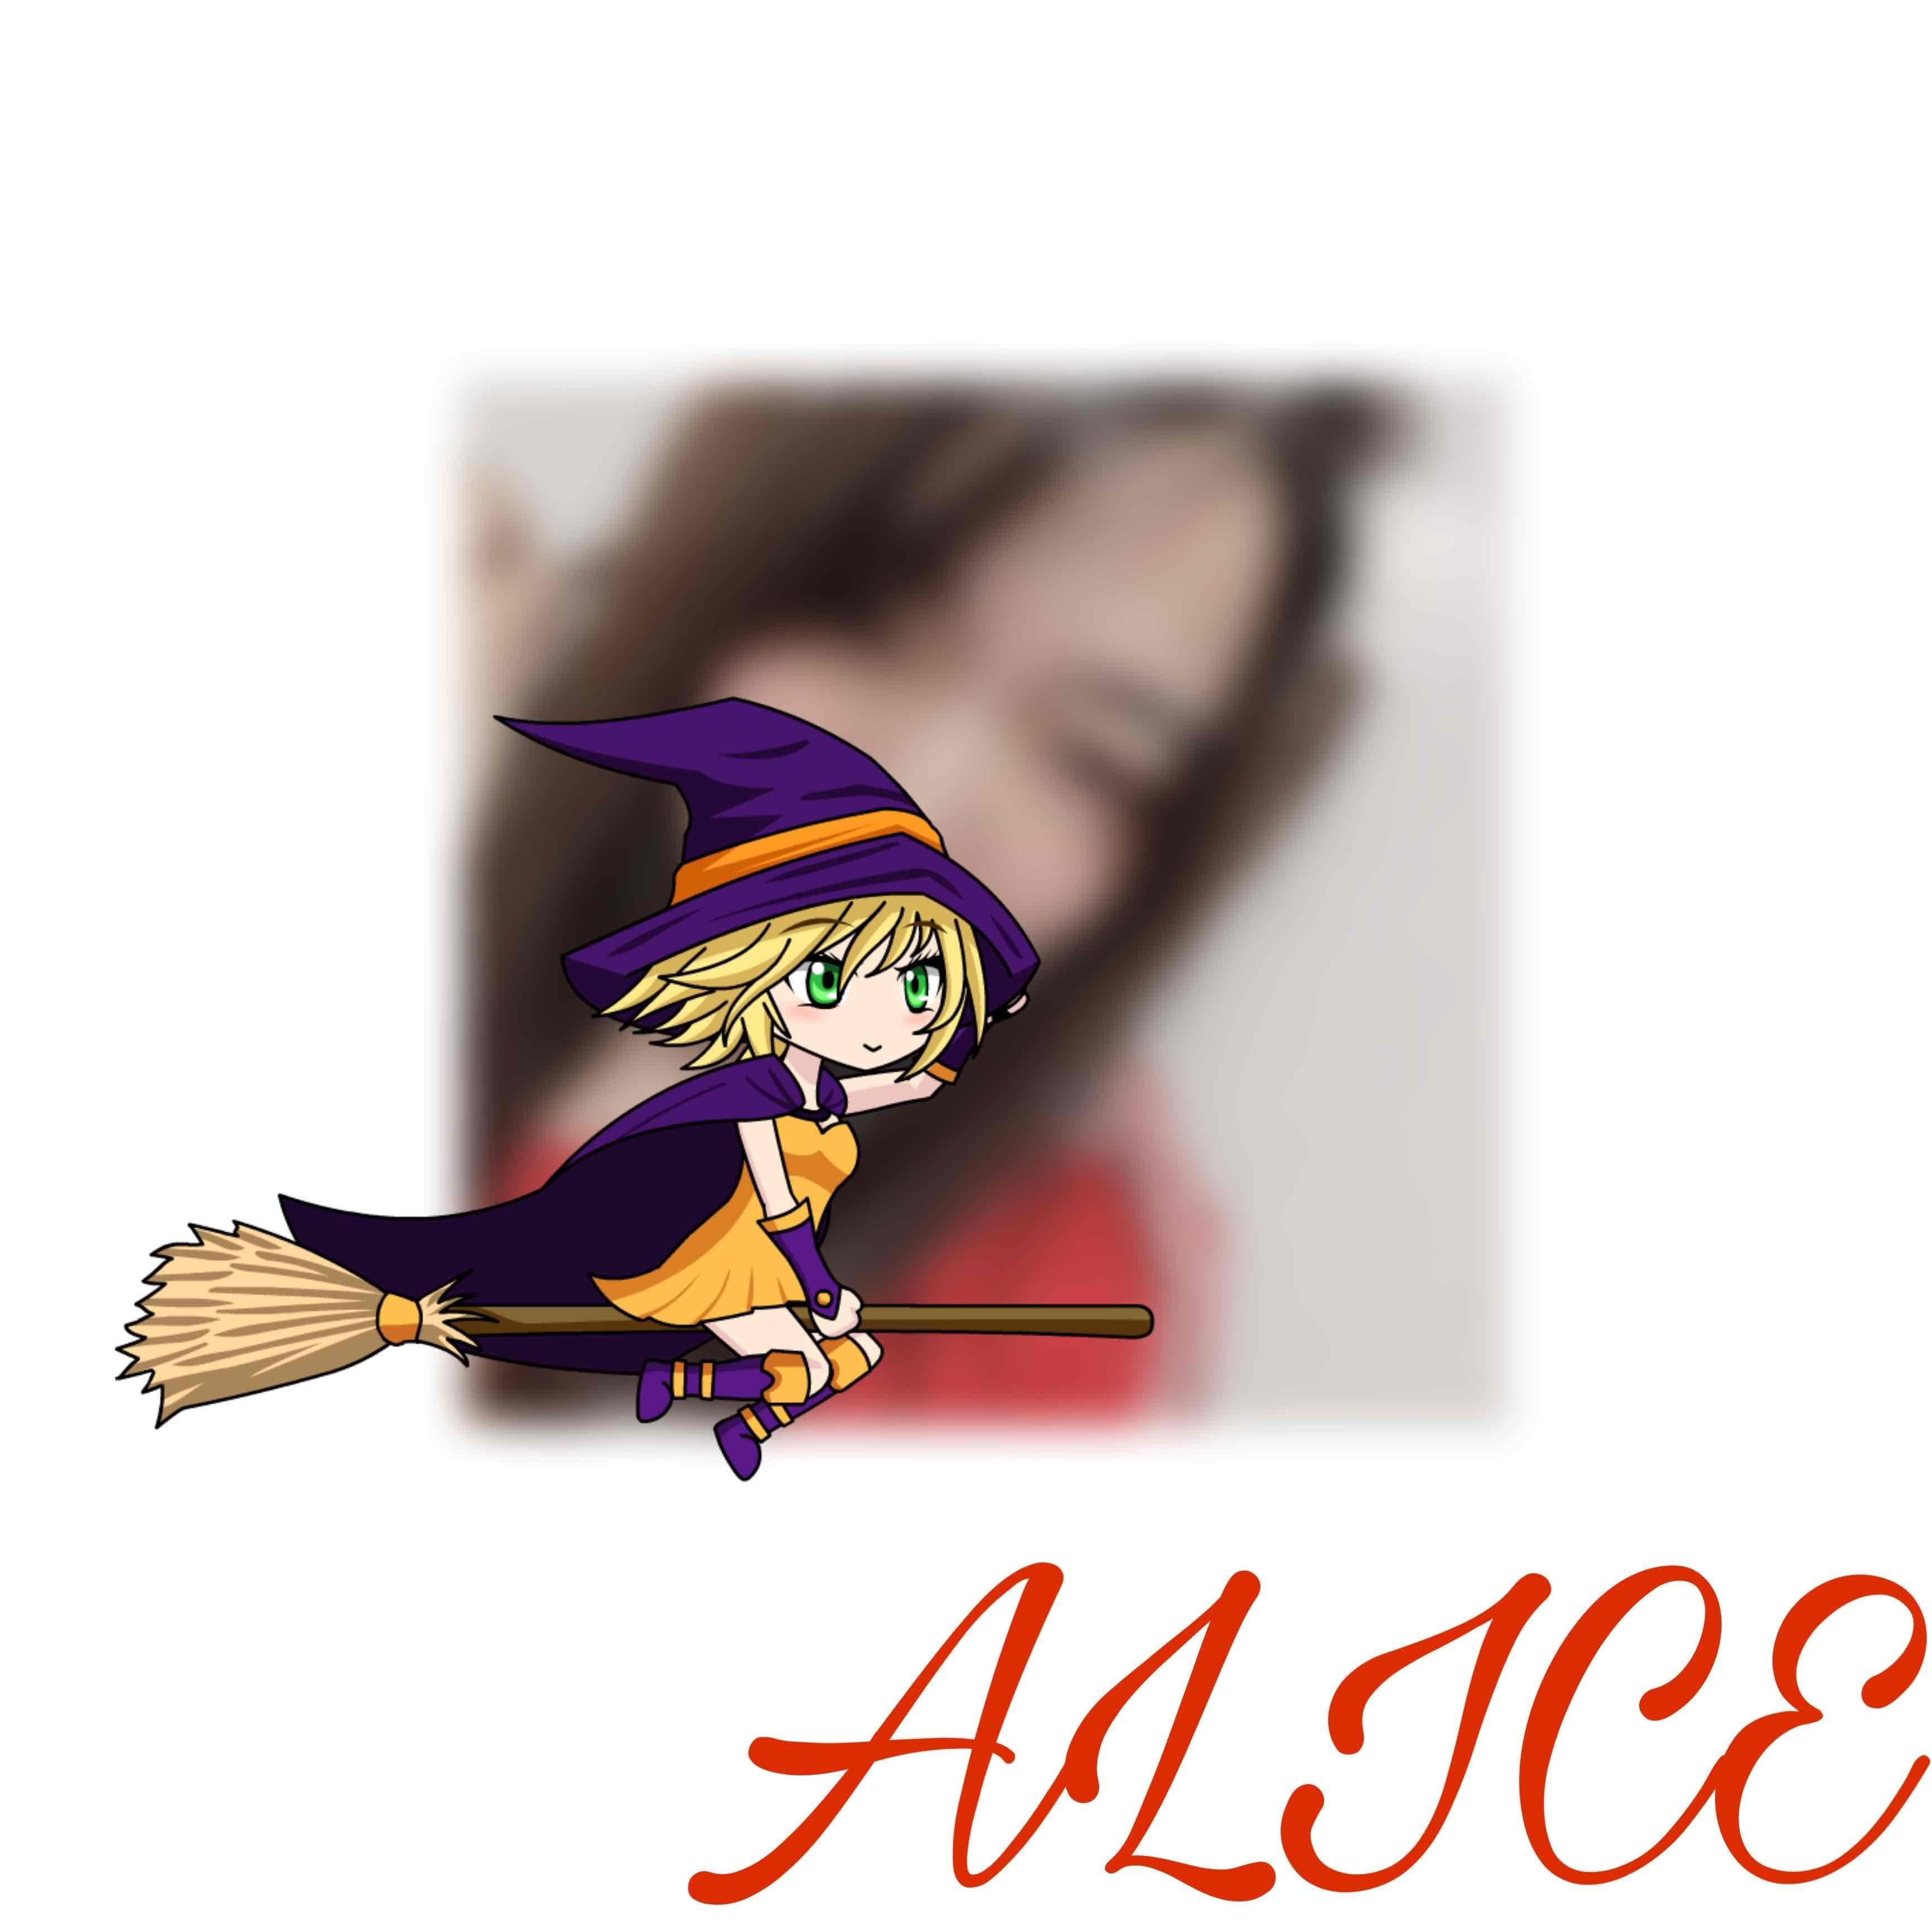 「ハロウィンッッ」10/23日(金) 13:52 | ありすの写メ・風俗動画